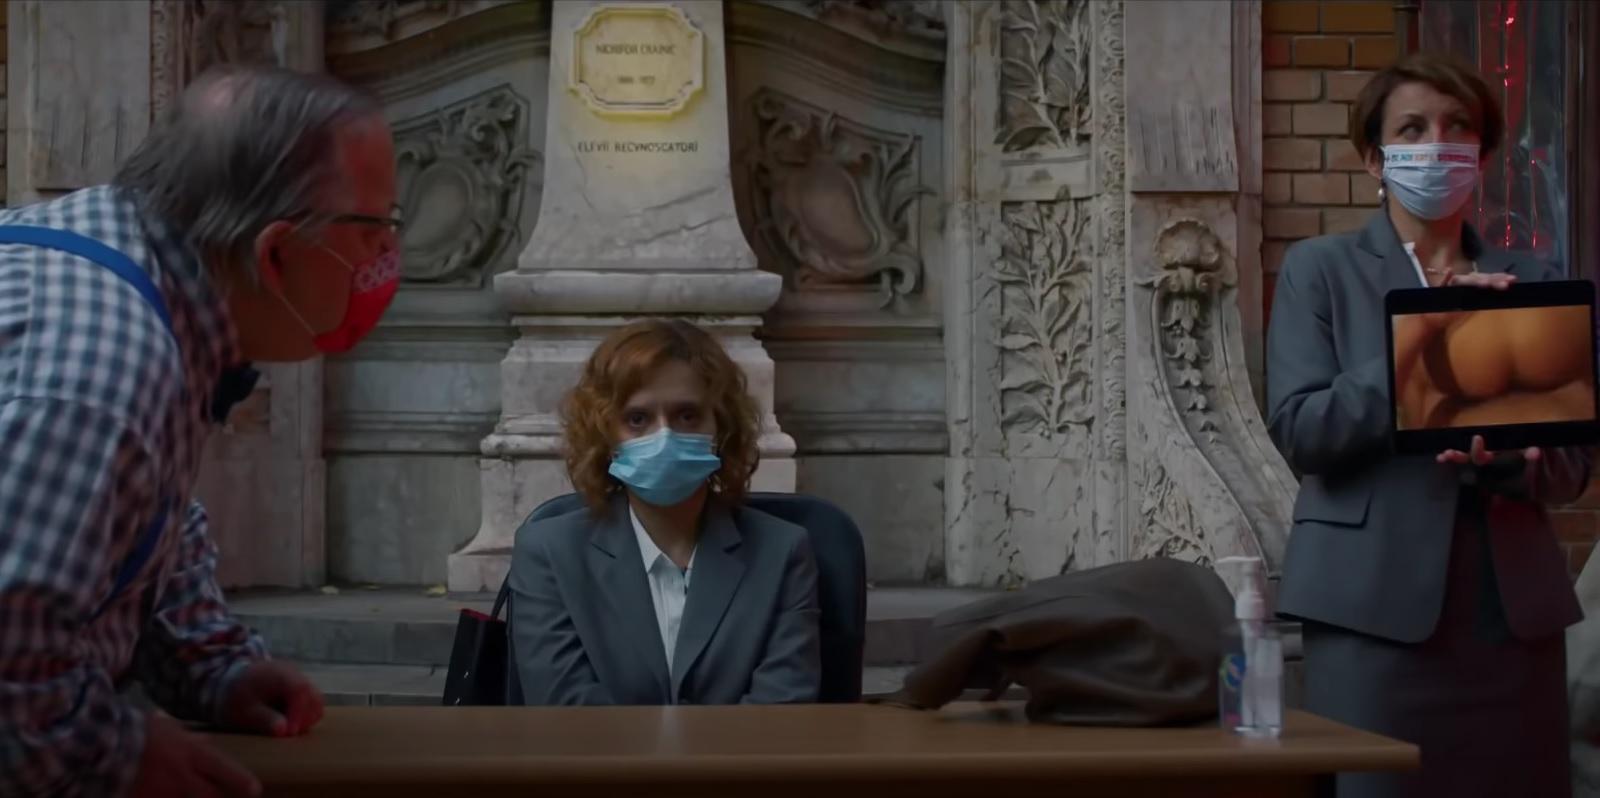 Premios de cine Alemania: Una película rumana se lleva el oro en la  Berlinale con una exhibición de sexo, doble moral y mascarillas anticovid |  Público